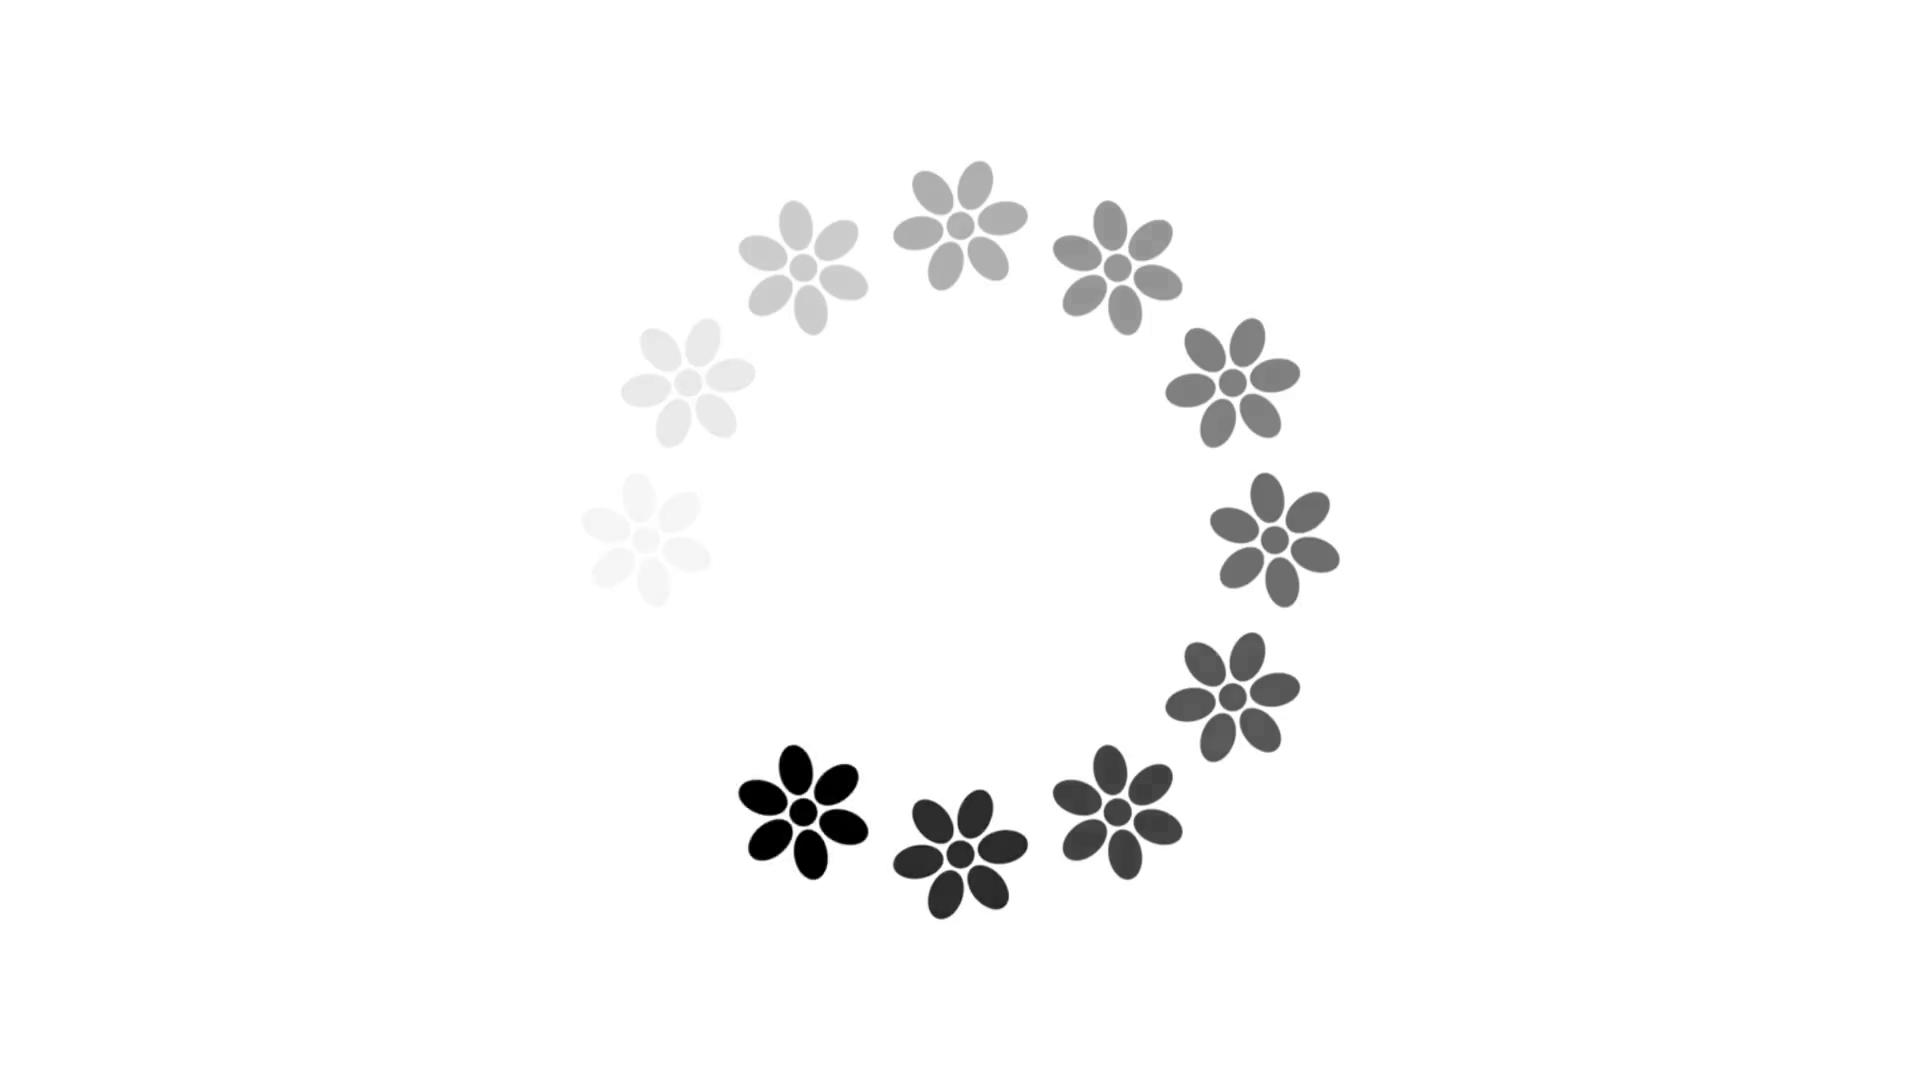 Hình nền trắng đẹp (108)